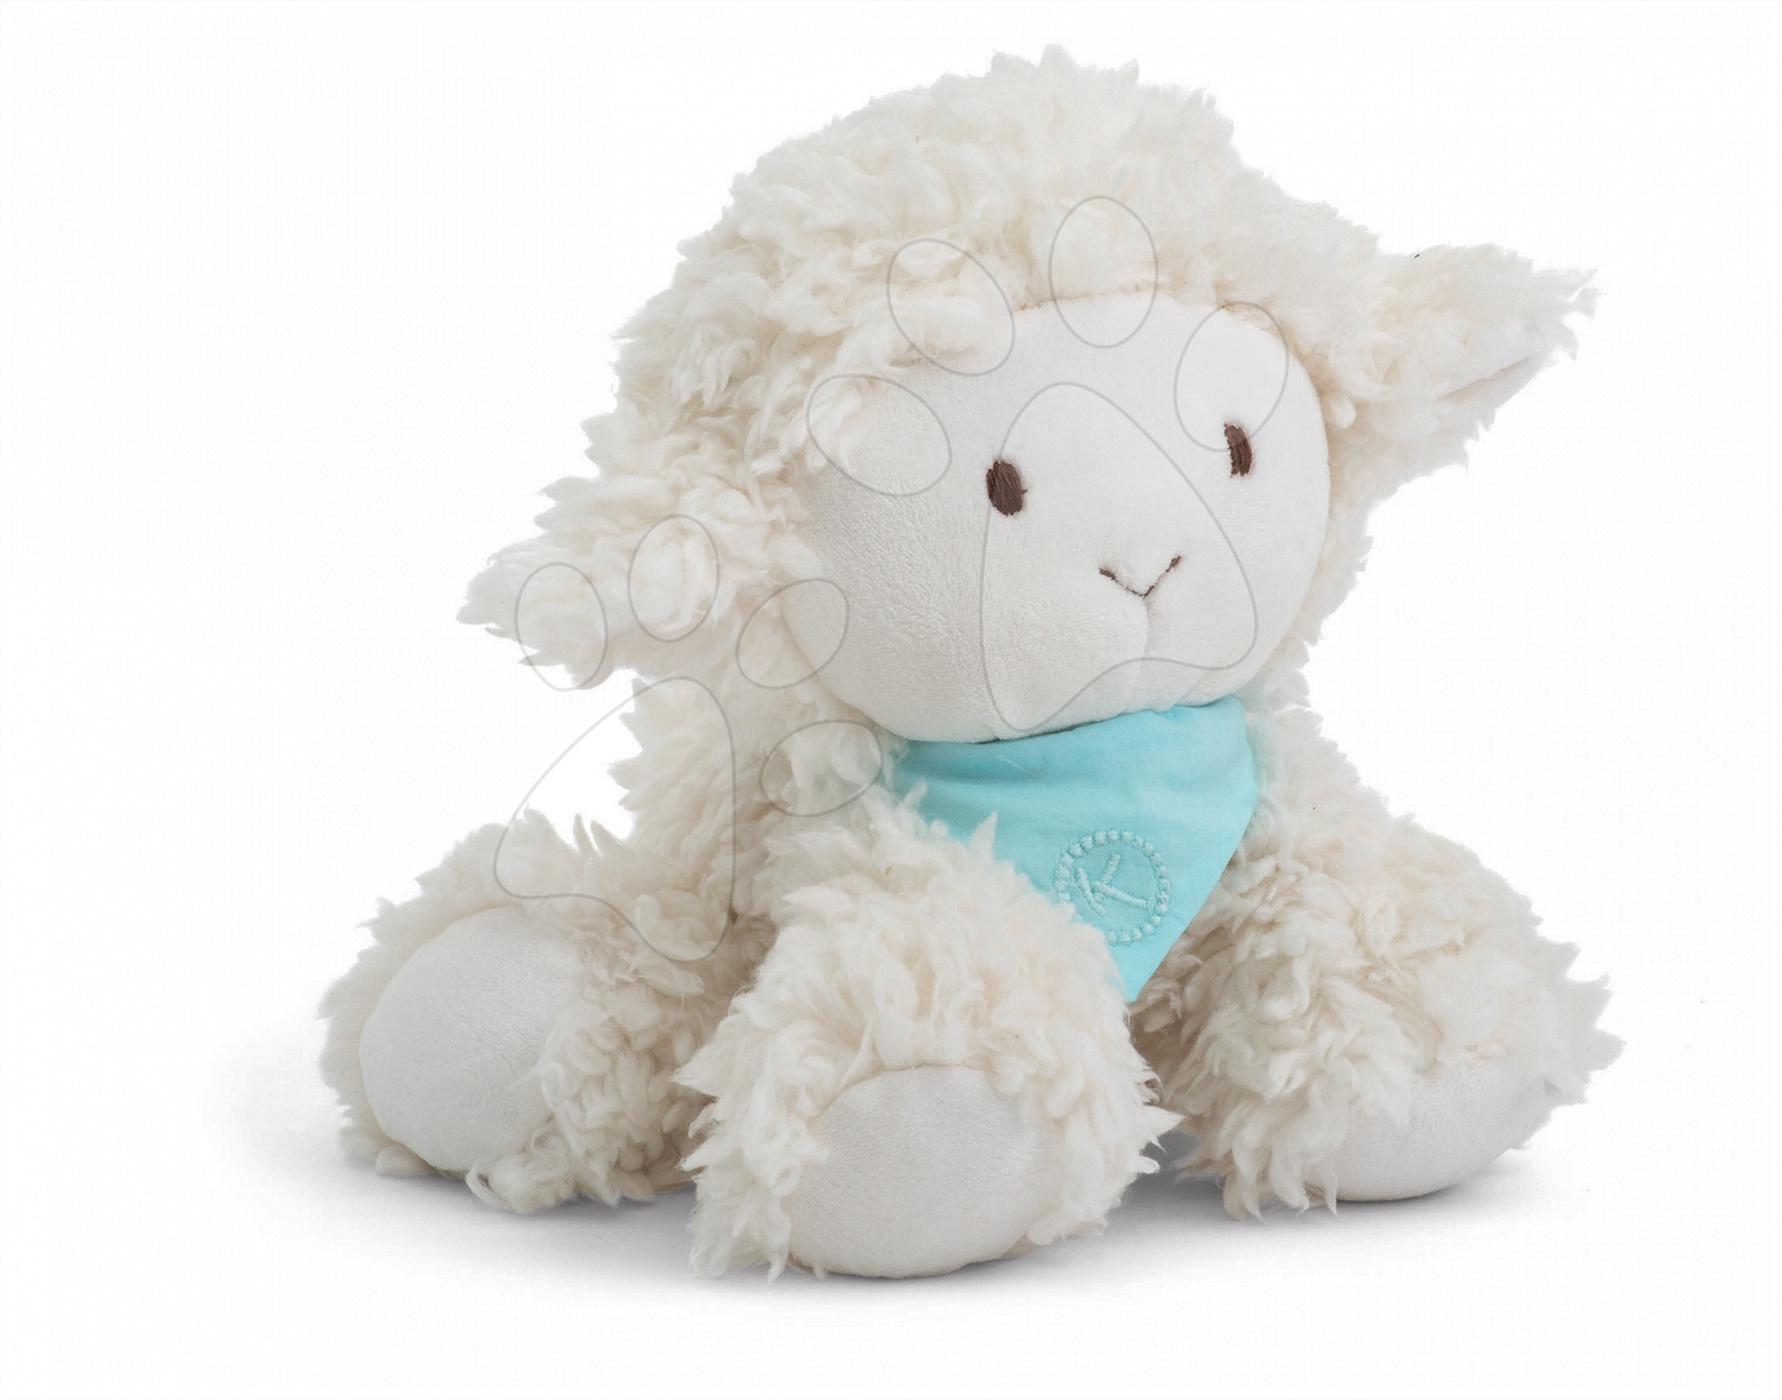 Plyšová ovečka Vanille Les Amis-Agneau Kaloo 25 cm v darčekovom balení pre najmenších